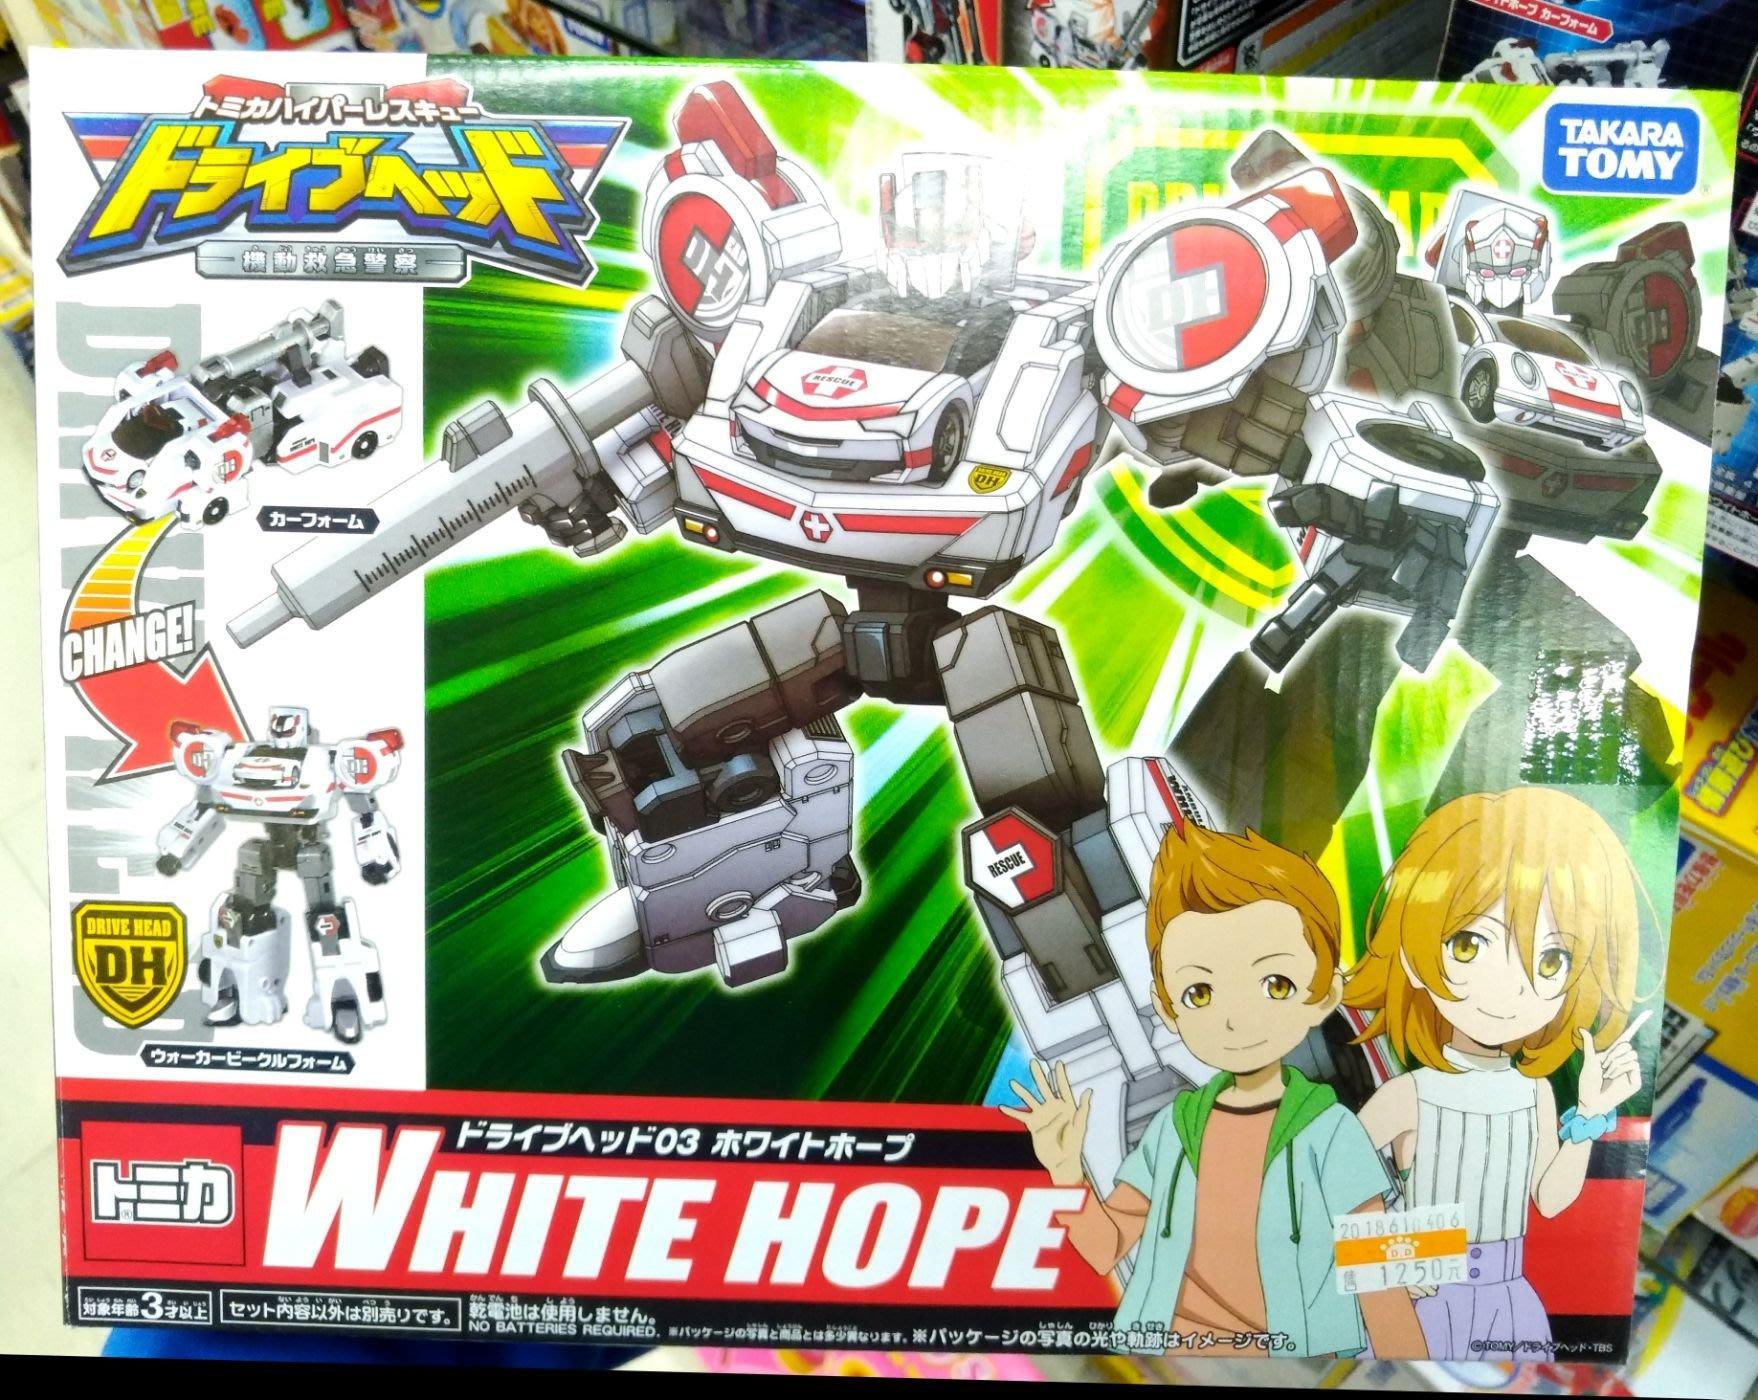 麗嬰  TAKARA TOMY DRIVEHEAD/DH/機動救急警察/白色希望/三號白色希望